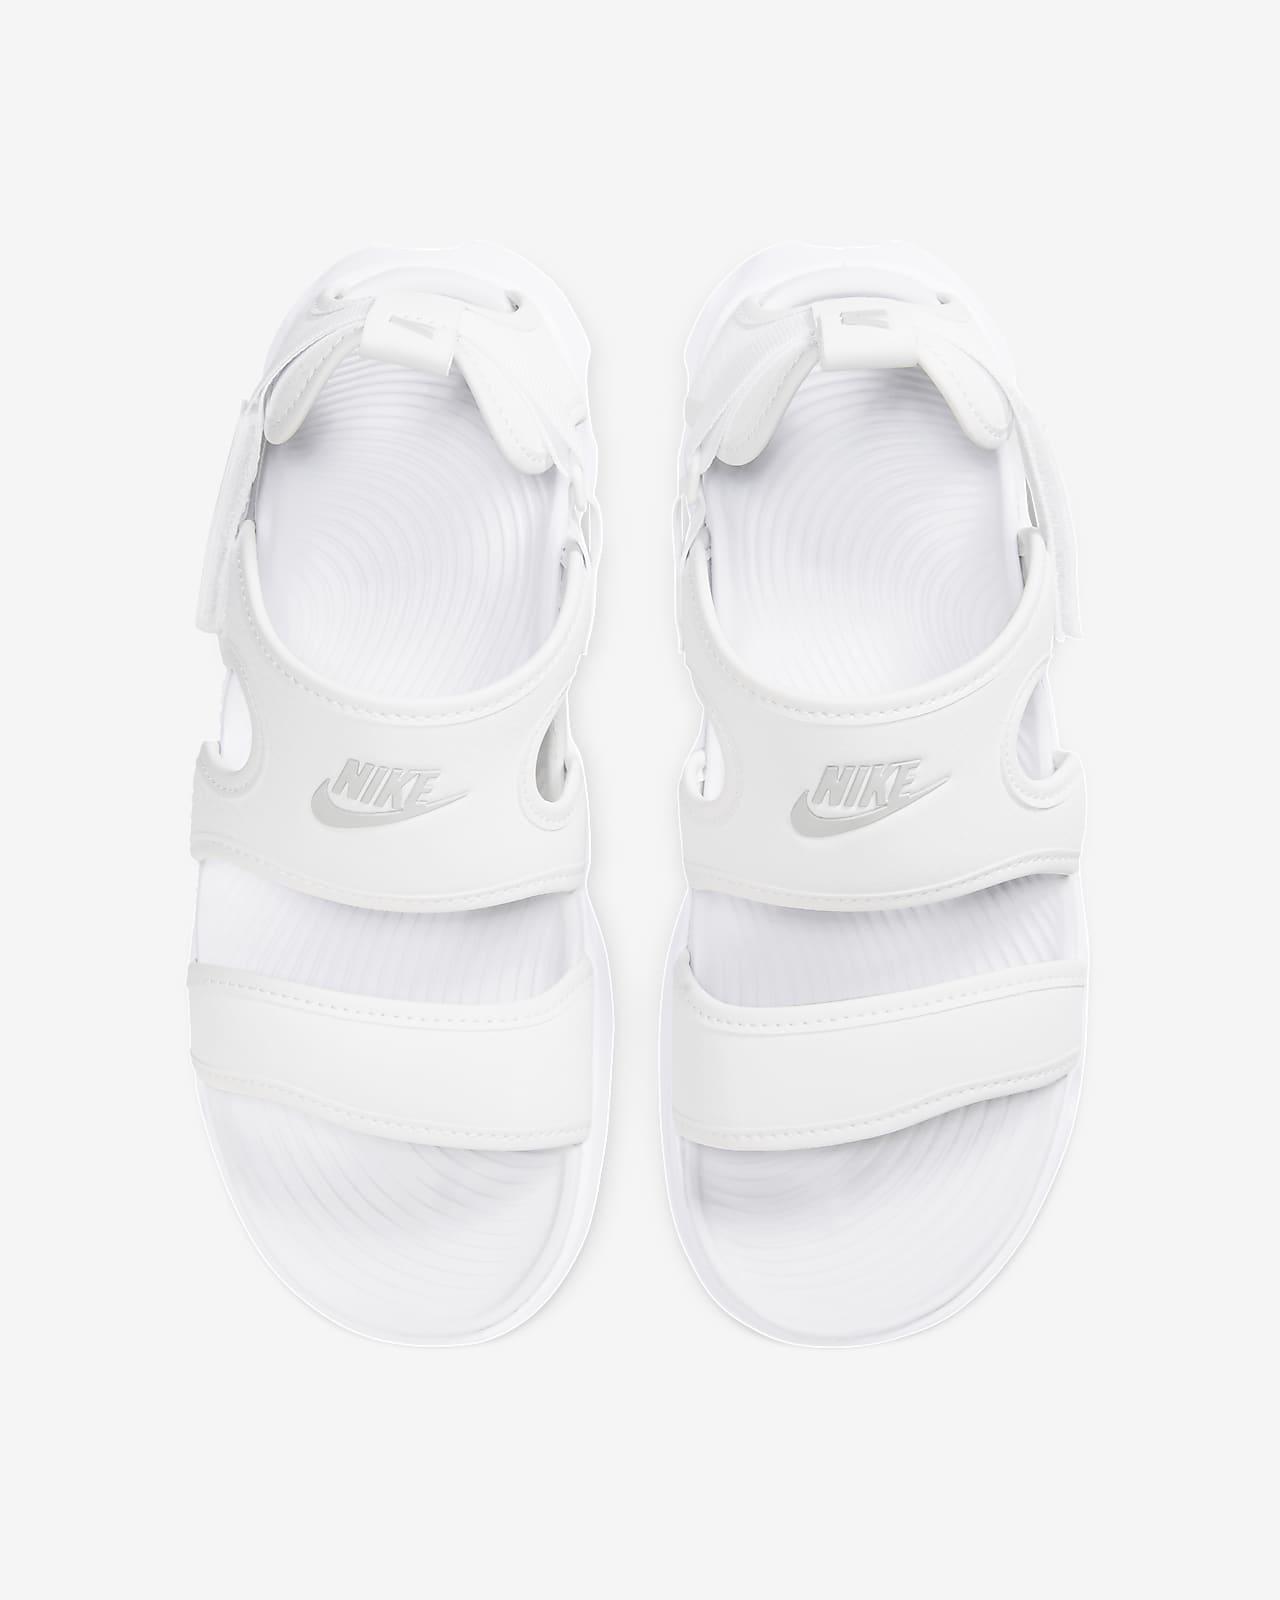 nike mujer zapatos verano